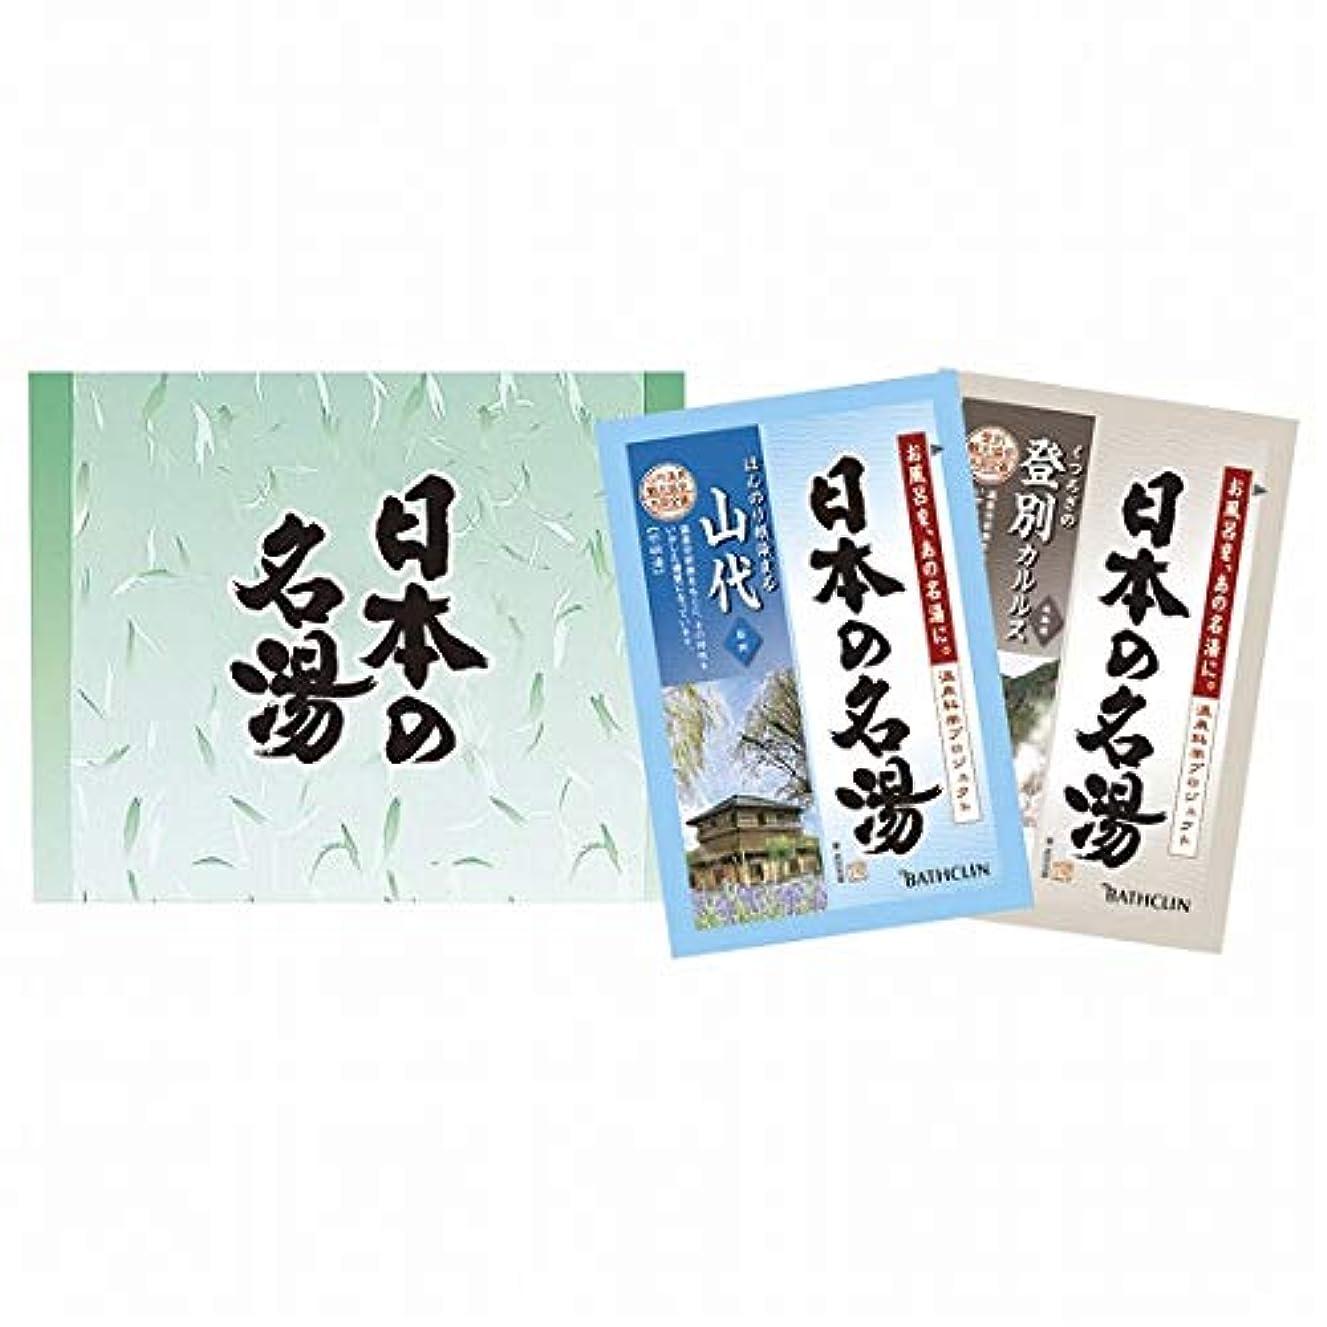 キラウエア山咳逆説日本の名湯2包セット